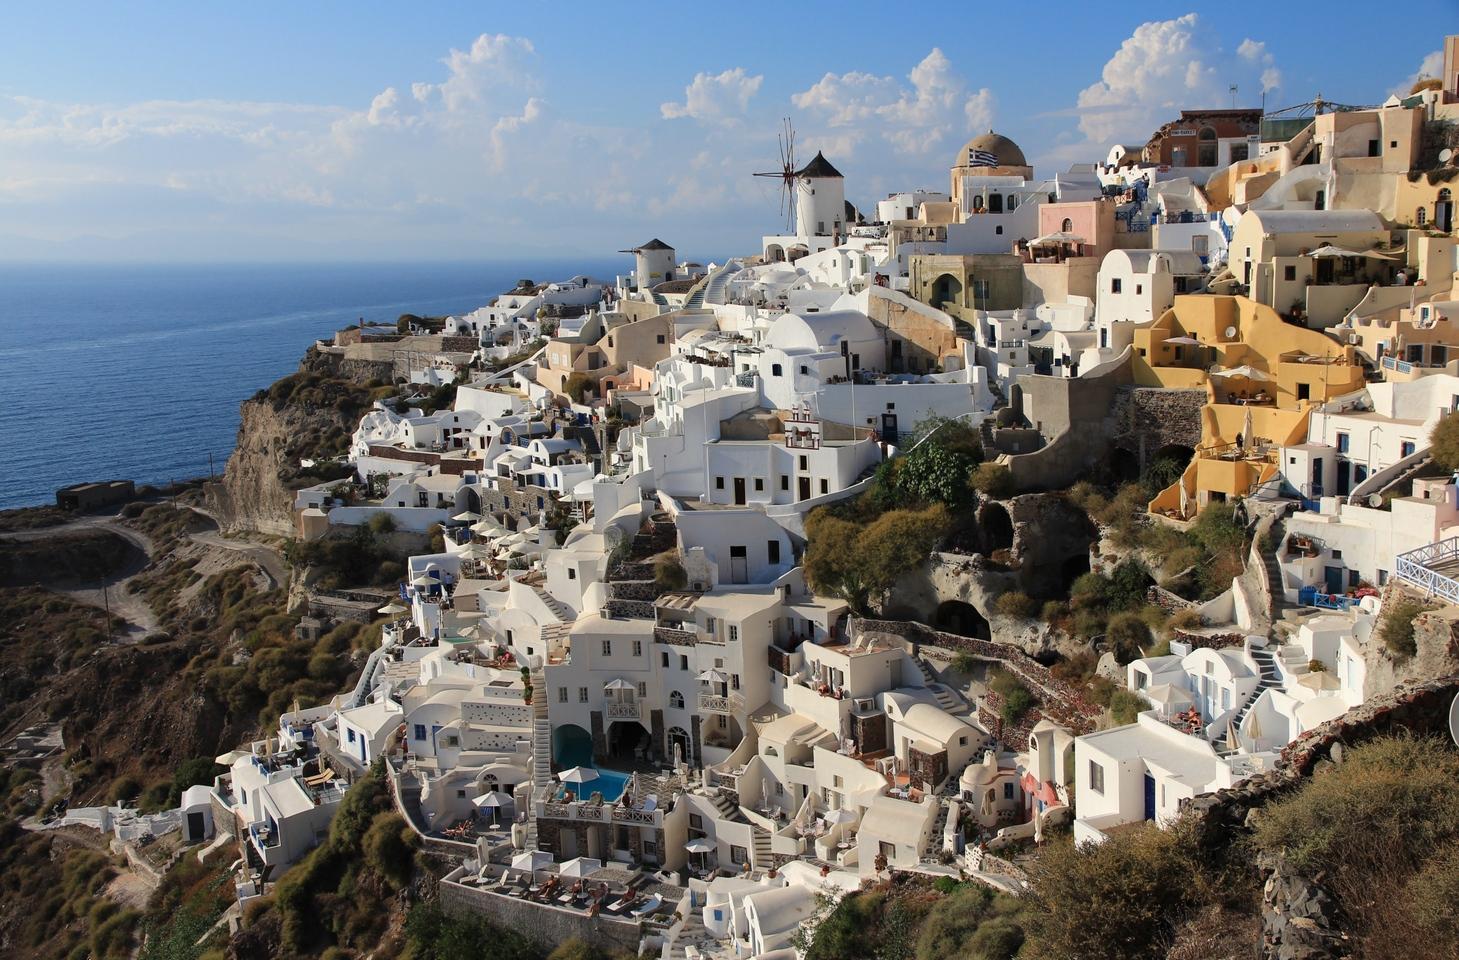 длинное фото деревни ия в греции остров санторини пожелание доброго